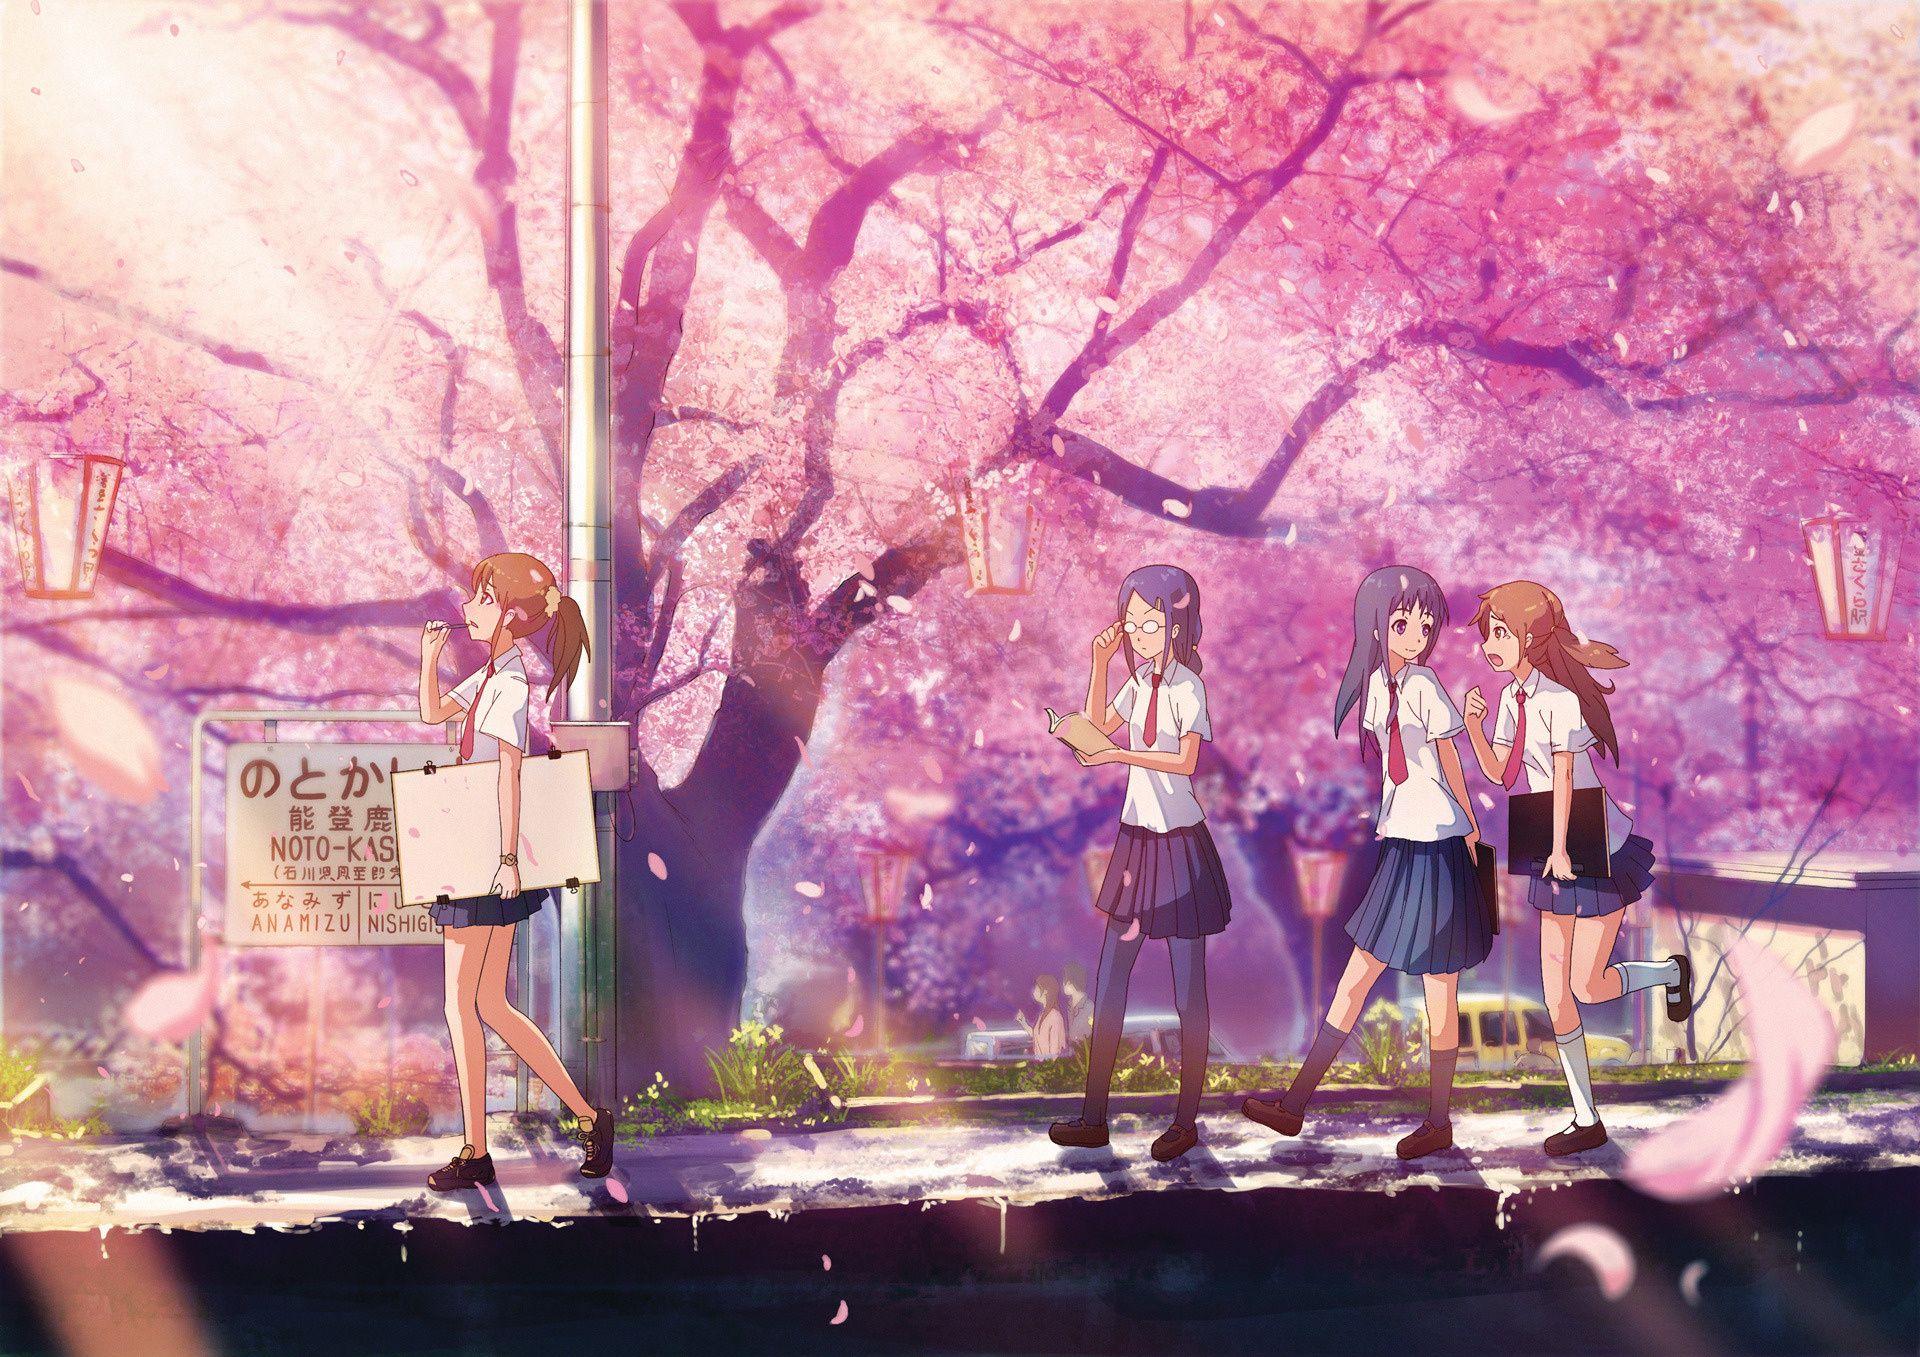 cherryblossomsakuratreeschoolgirlpetalsjapanshinkai